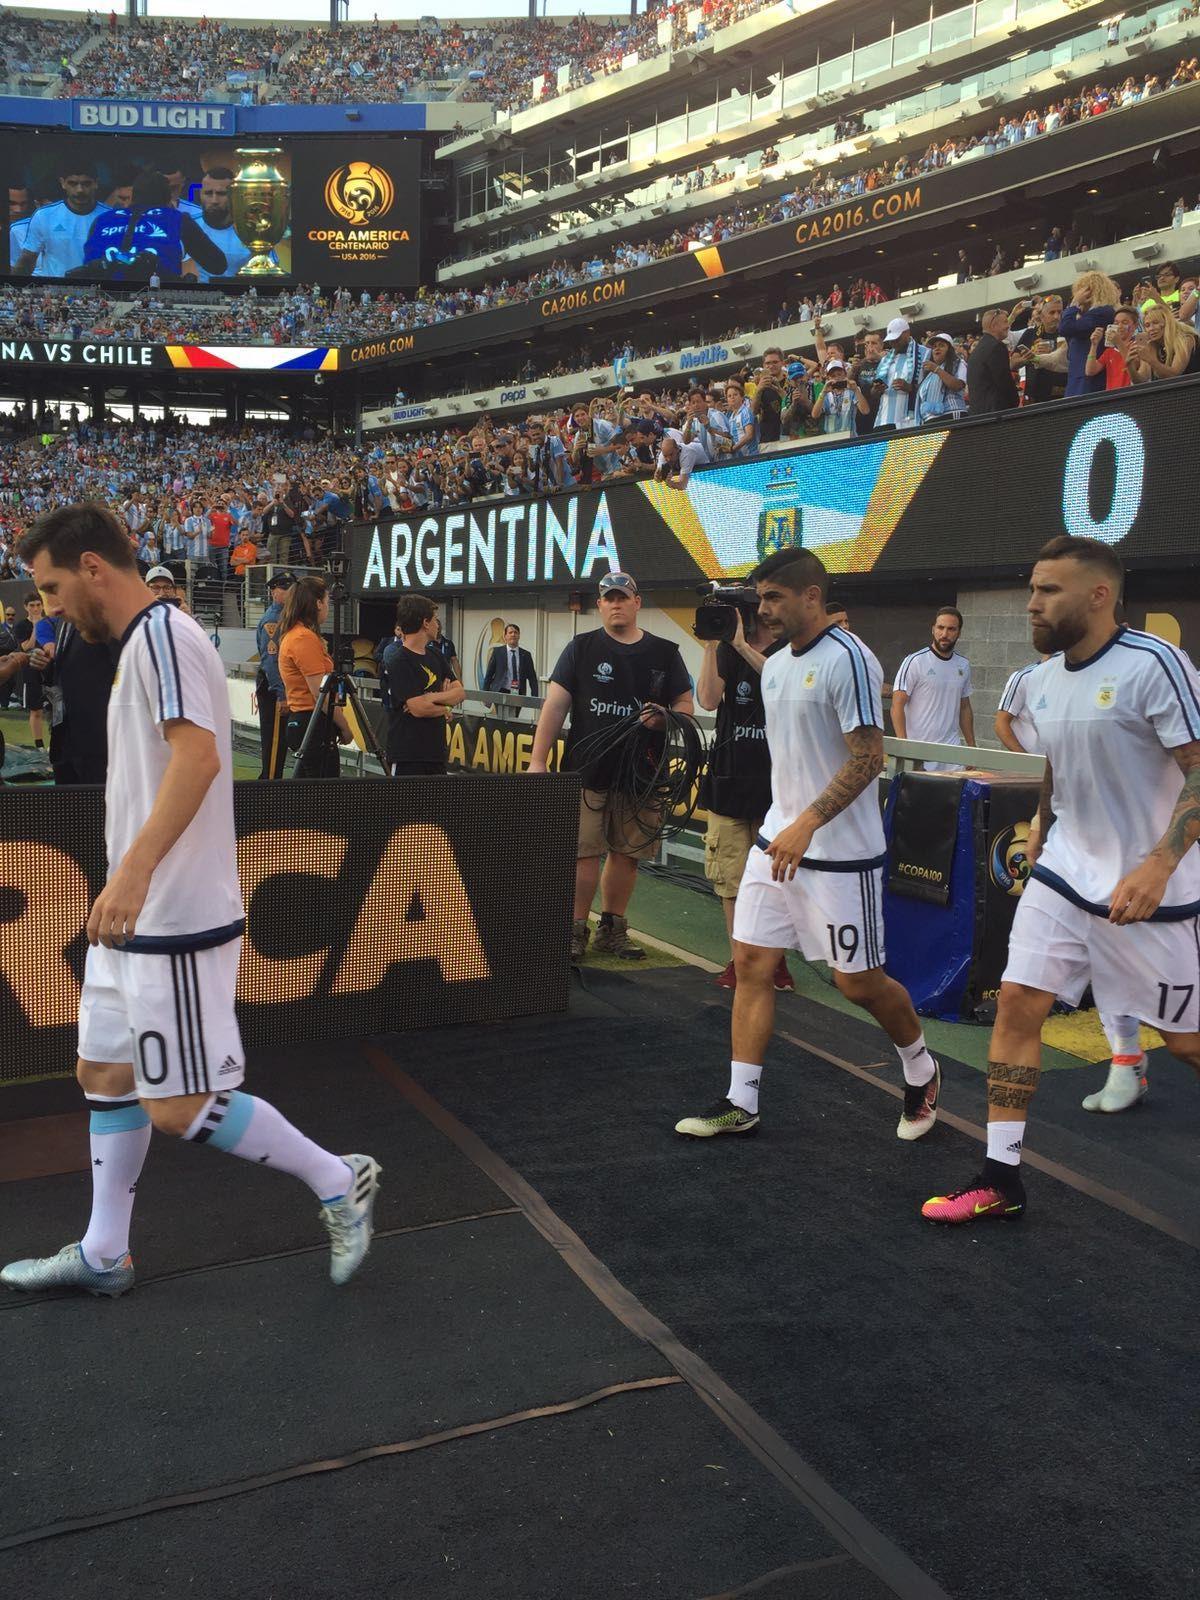 """Selección Argentina on Twitter: """"#CopaAmerica ¡@Argentina ya entra en calor en el campo de juego! https://t.co/duUEAGLbj7"""""""